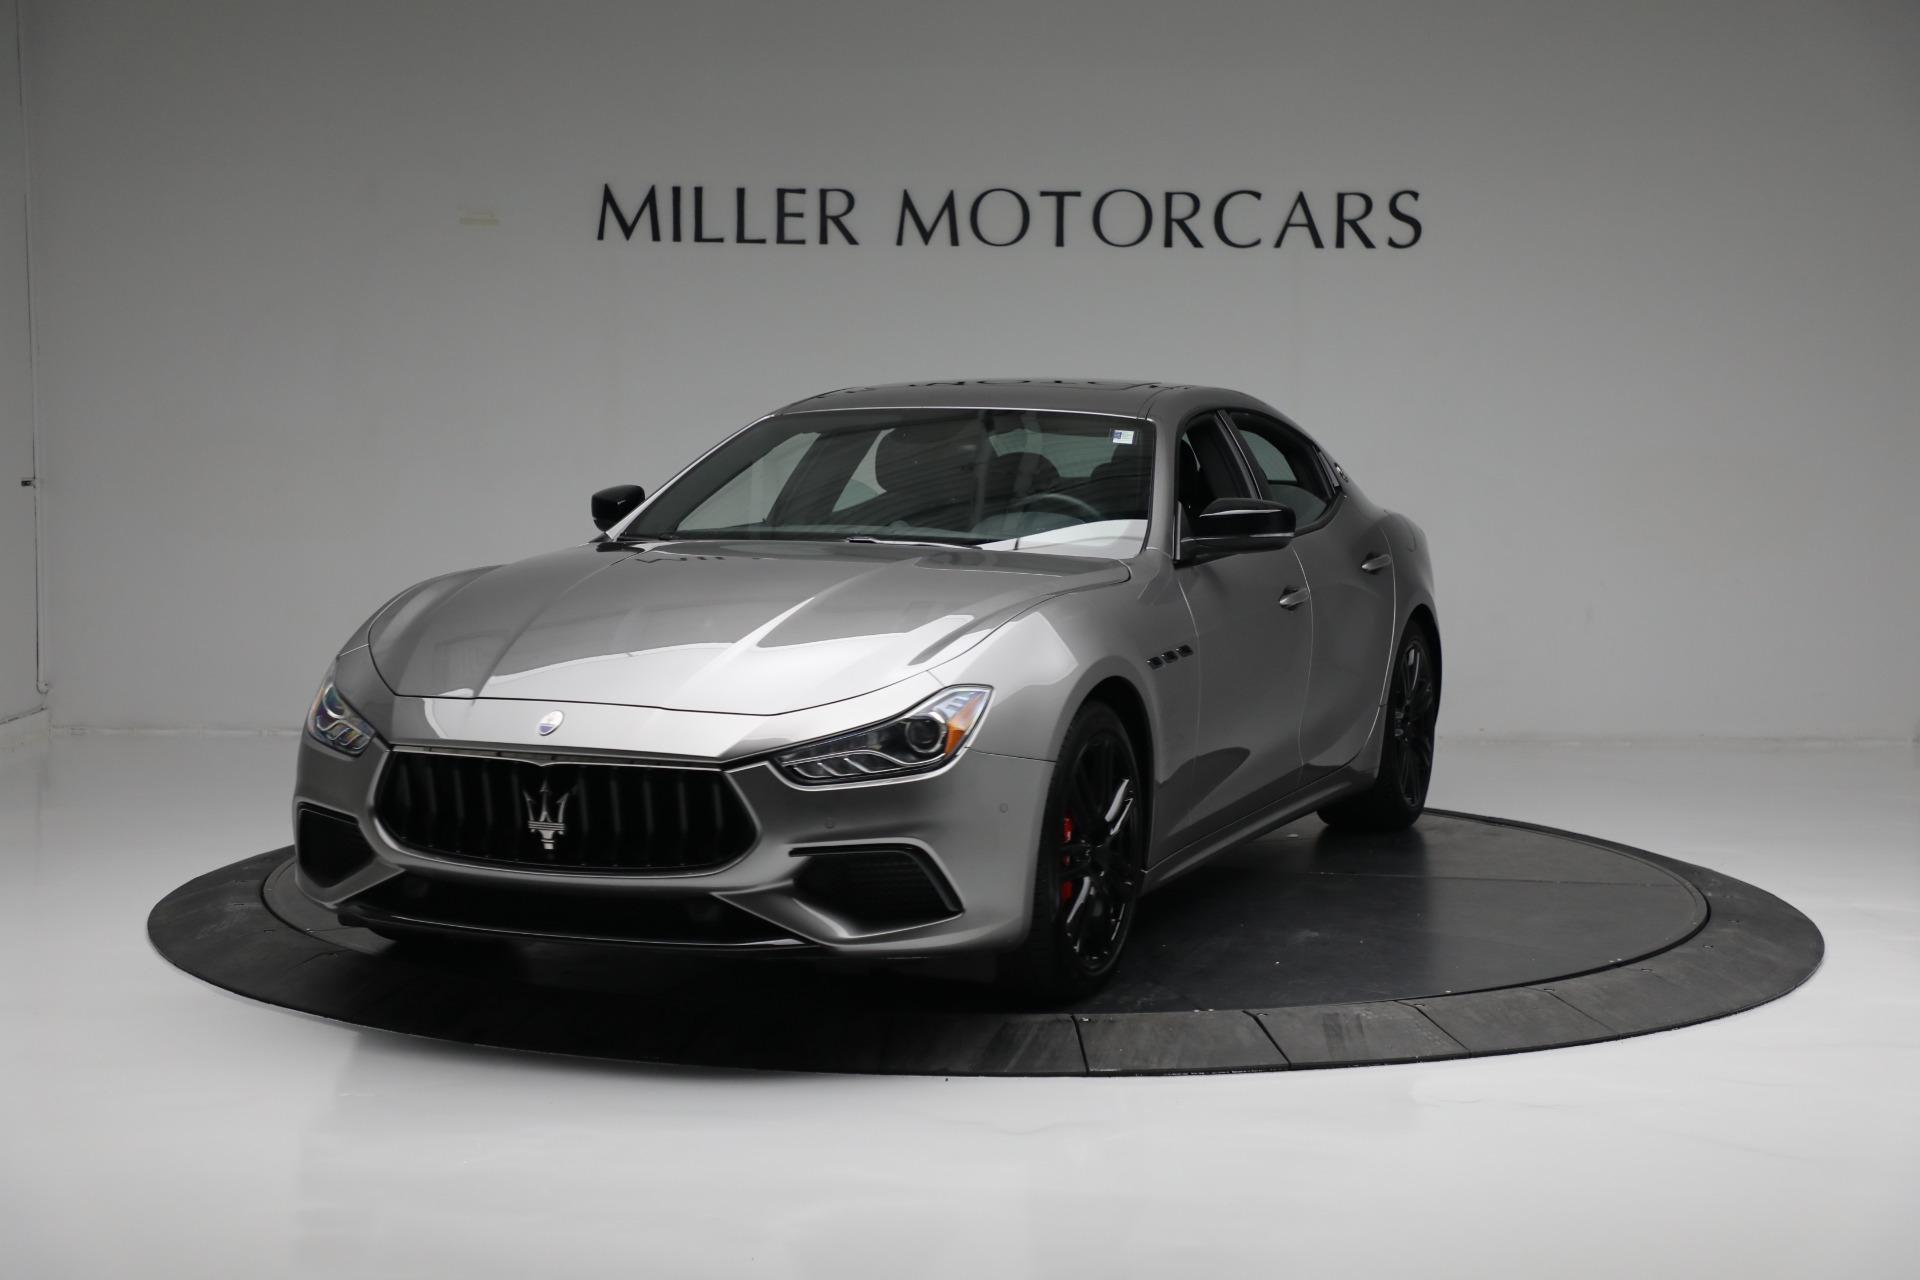 New 2021 Maserati Ghibli S Q4 for sale $90,075 at Maserati of Westport in Westport CT 06880 1